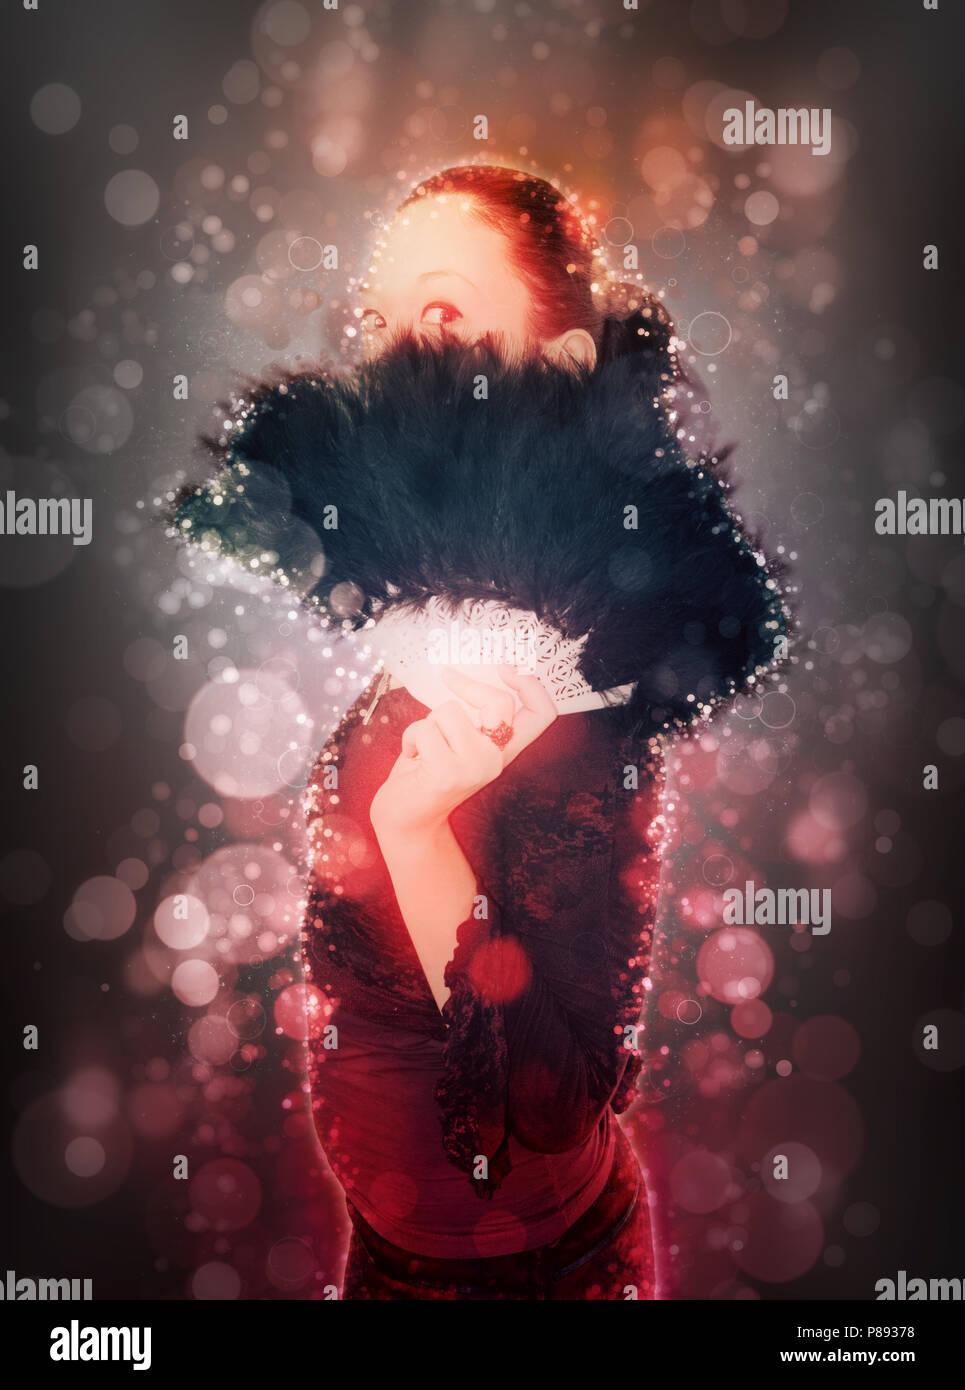 Mejoradas digitalmente la imagen de un joven adolescente gótico escondido detrás de un ventilador con plumas negras - Modelo Release disponible Imagen De Stock